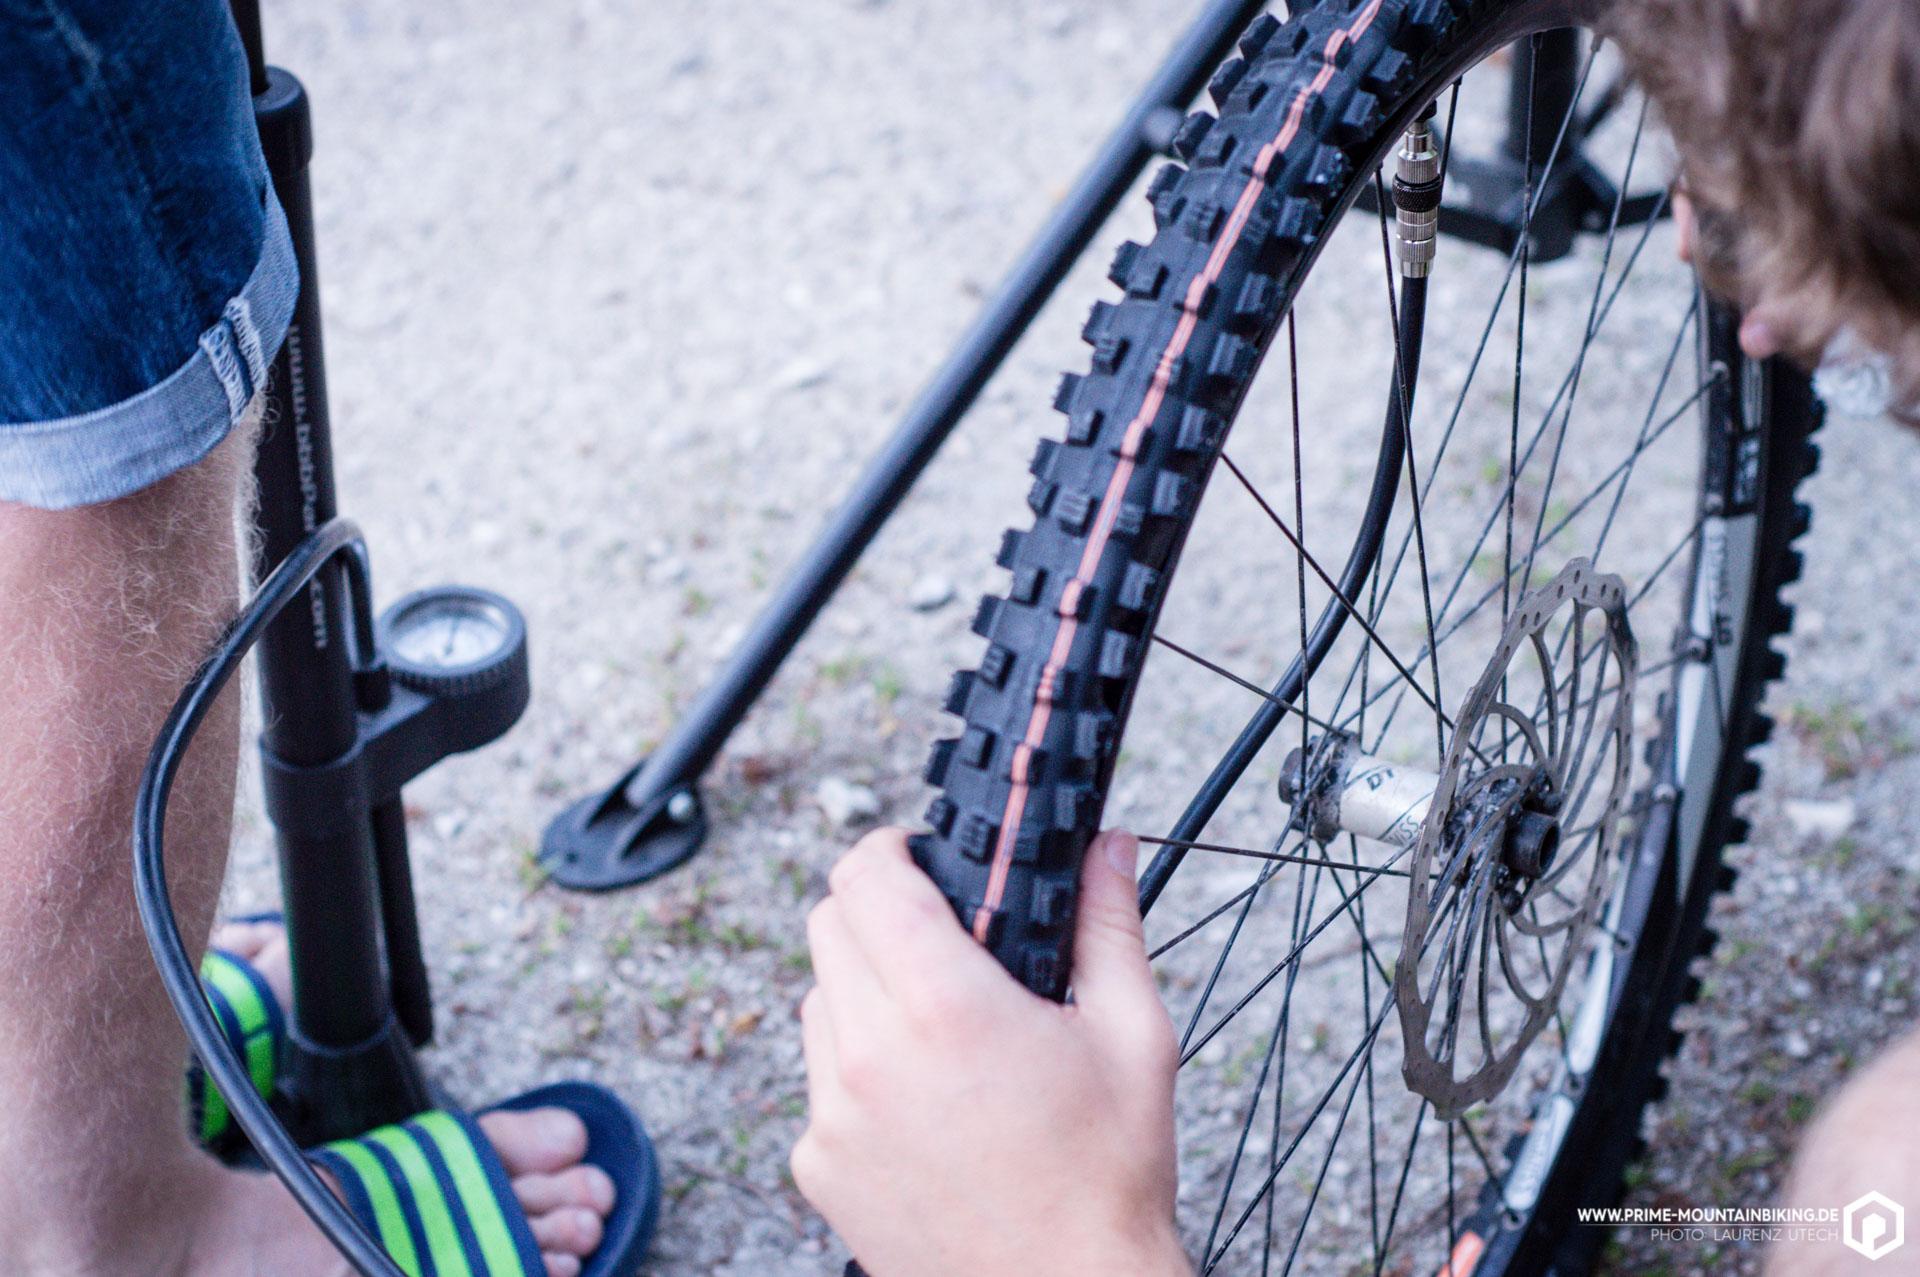 Der Tire Booster von Schwalbe wird mittels SV-Ventil und einer herkömmlichen Standpumpe mit 11 Bar befüllt, die anschließend in den Reifen geschossen werden können.